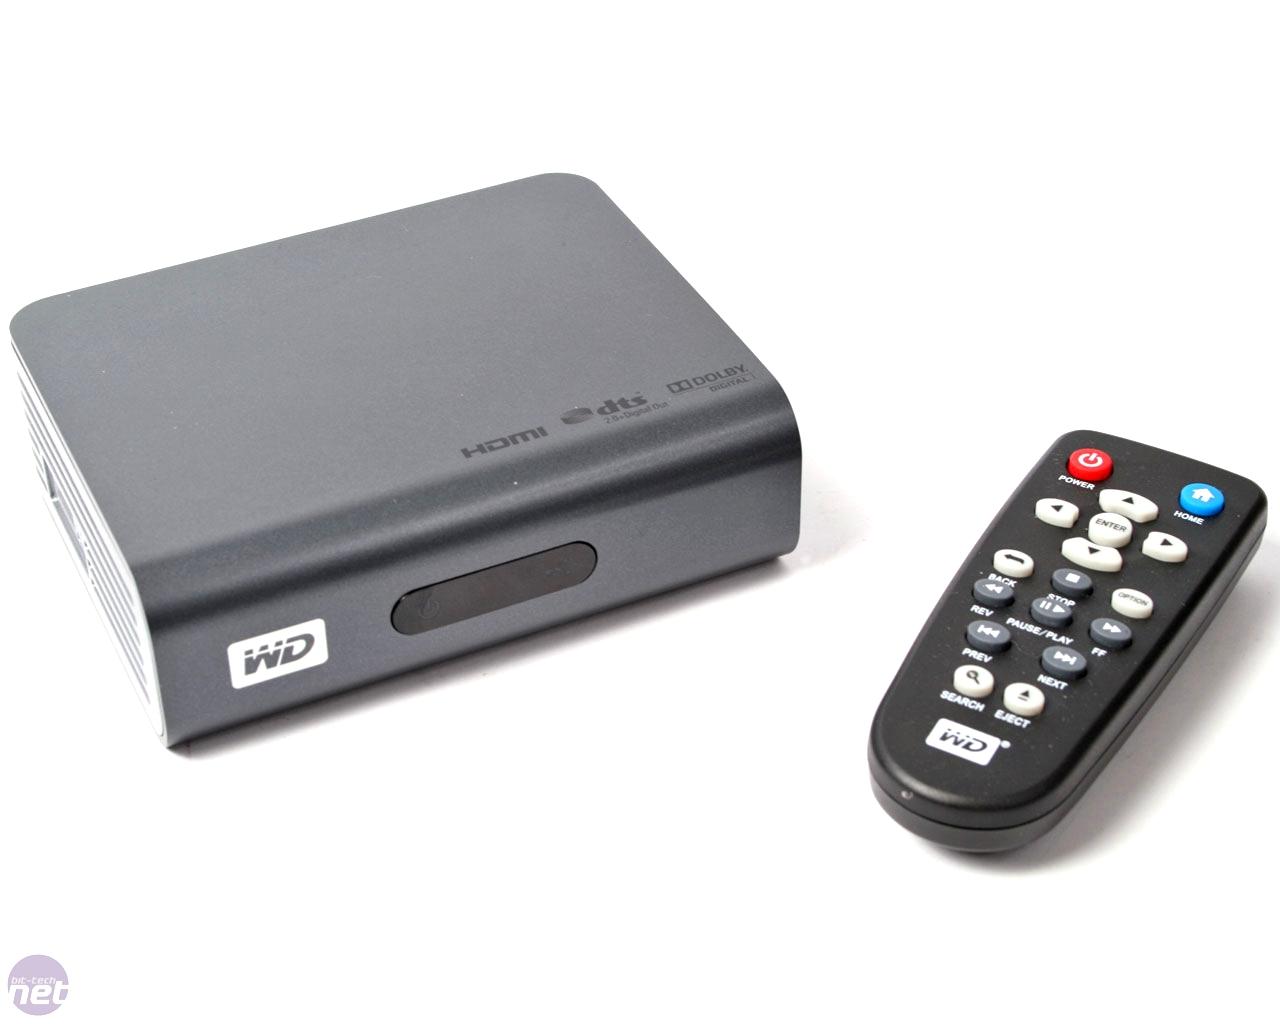 [Supporto]Box TV Android: Info, problemi, consigli d'uso